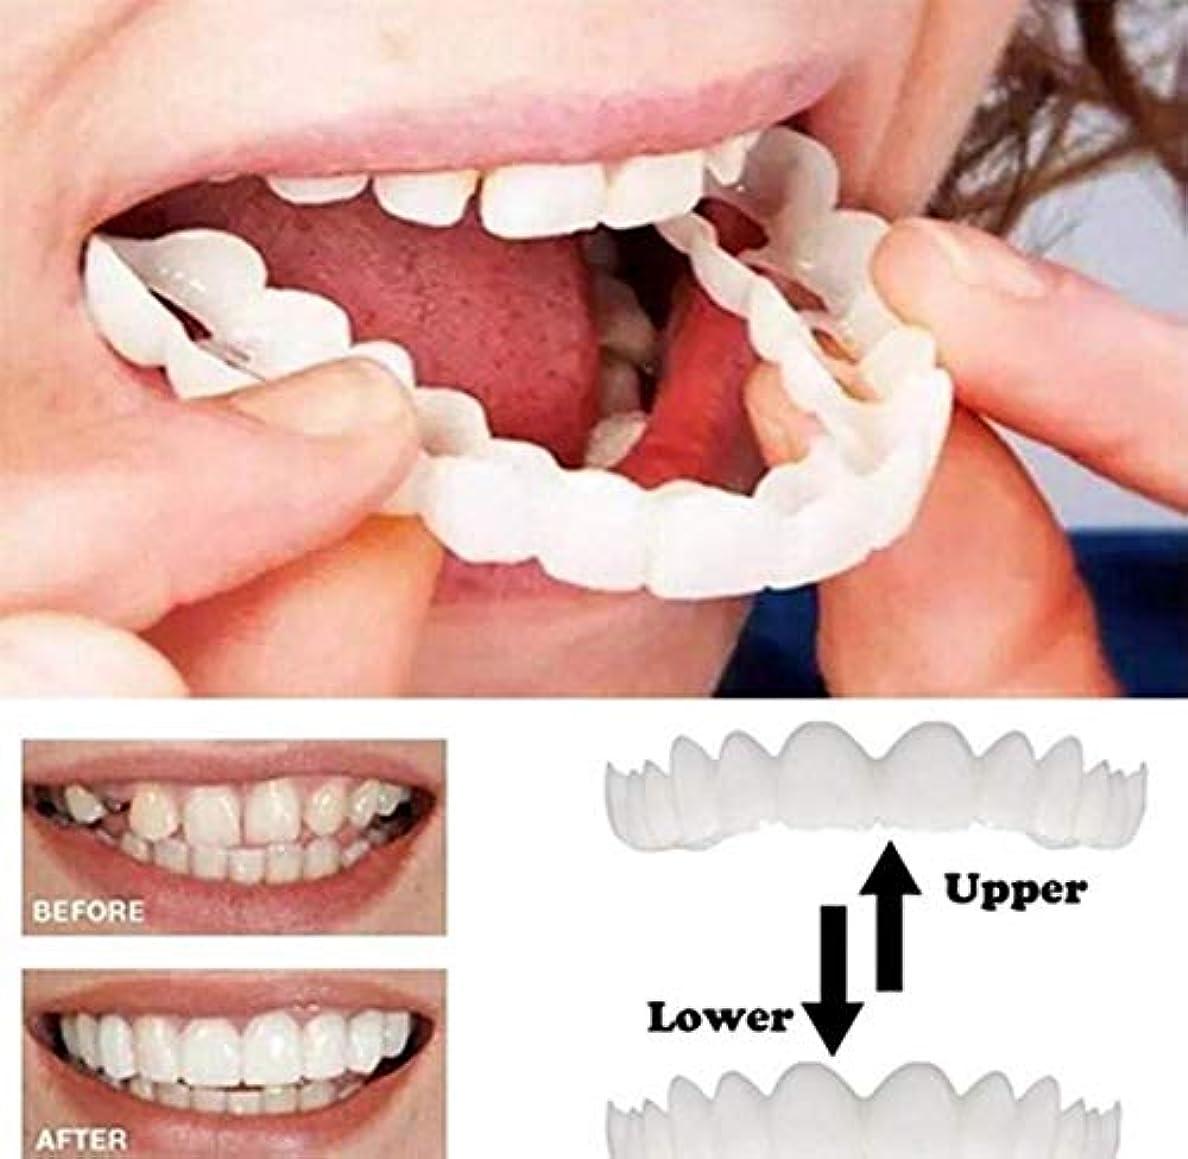 コンパイル原理かご模擬義歯セットは、快適な柔らかい化粧品の歯を即座に笑顔にします